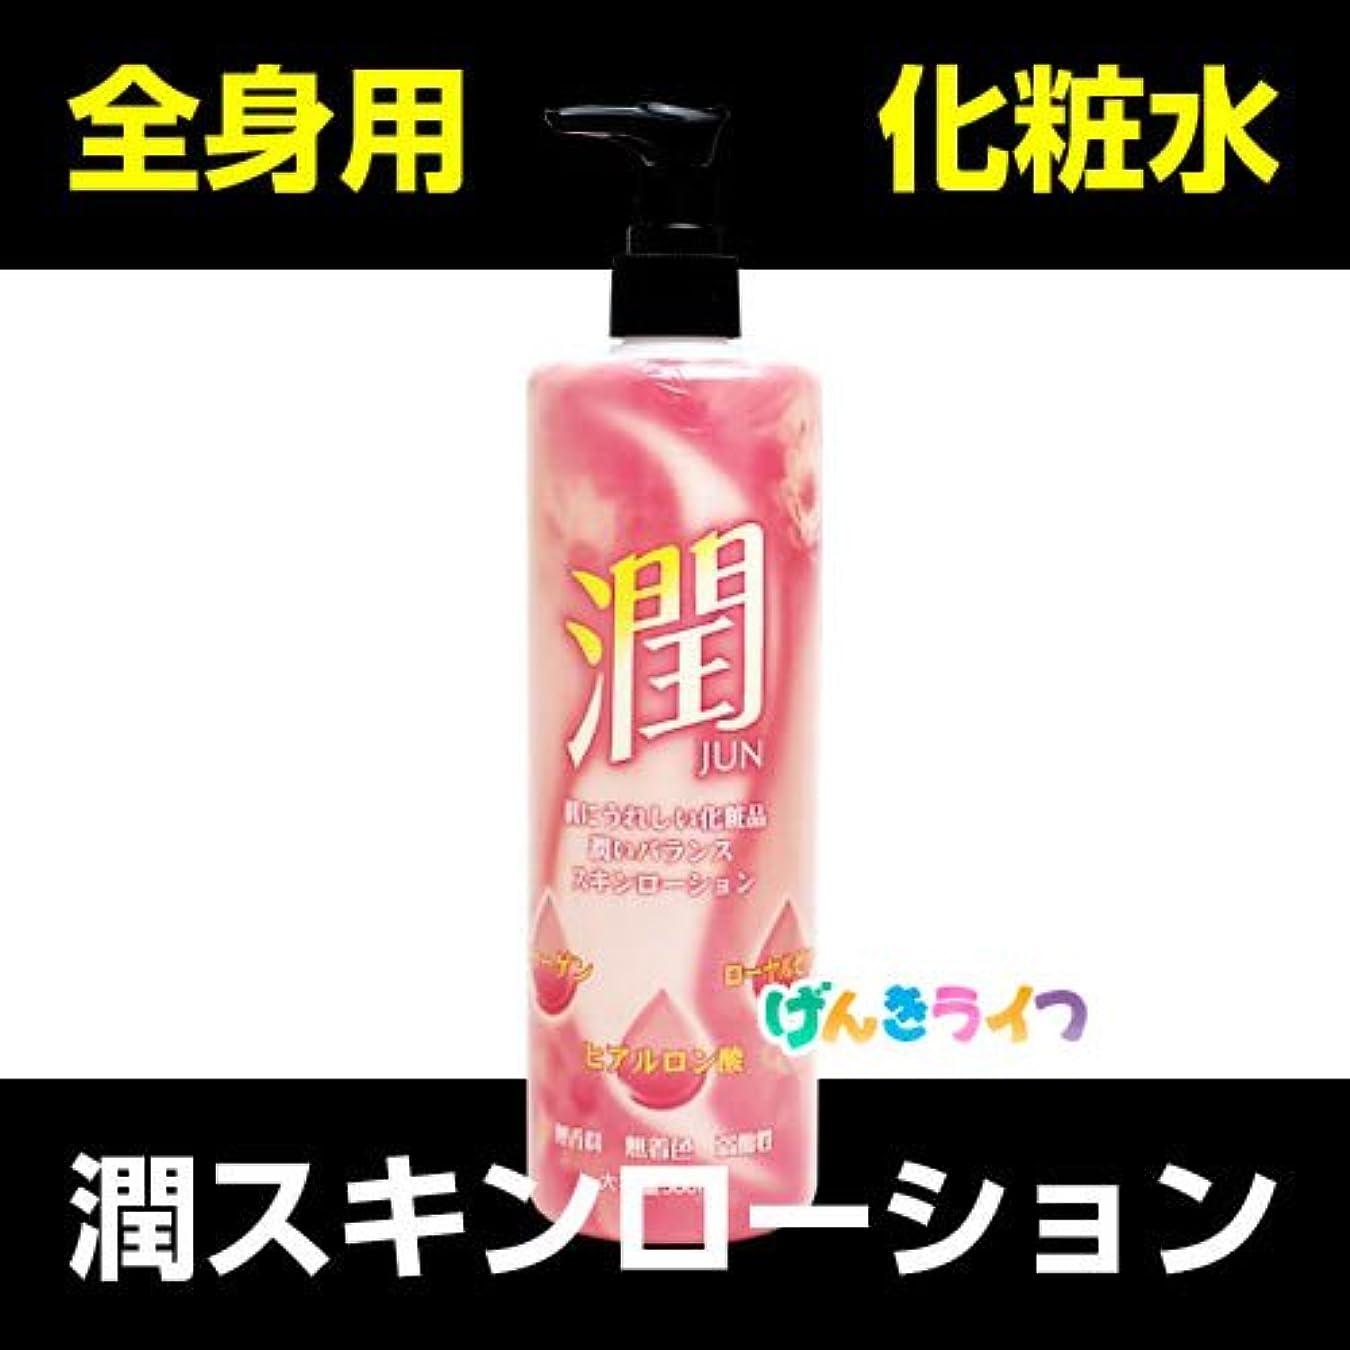 潤スキンローション(全身用化粧水)【2個】